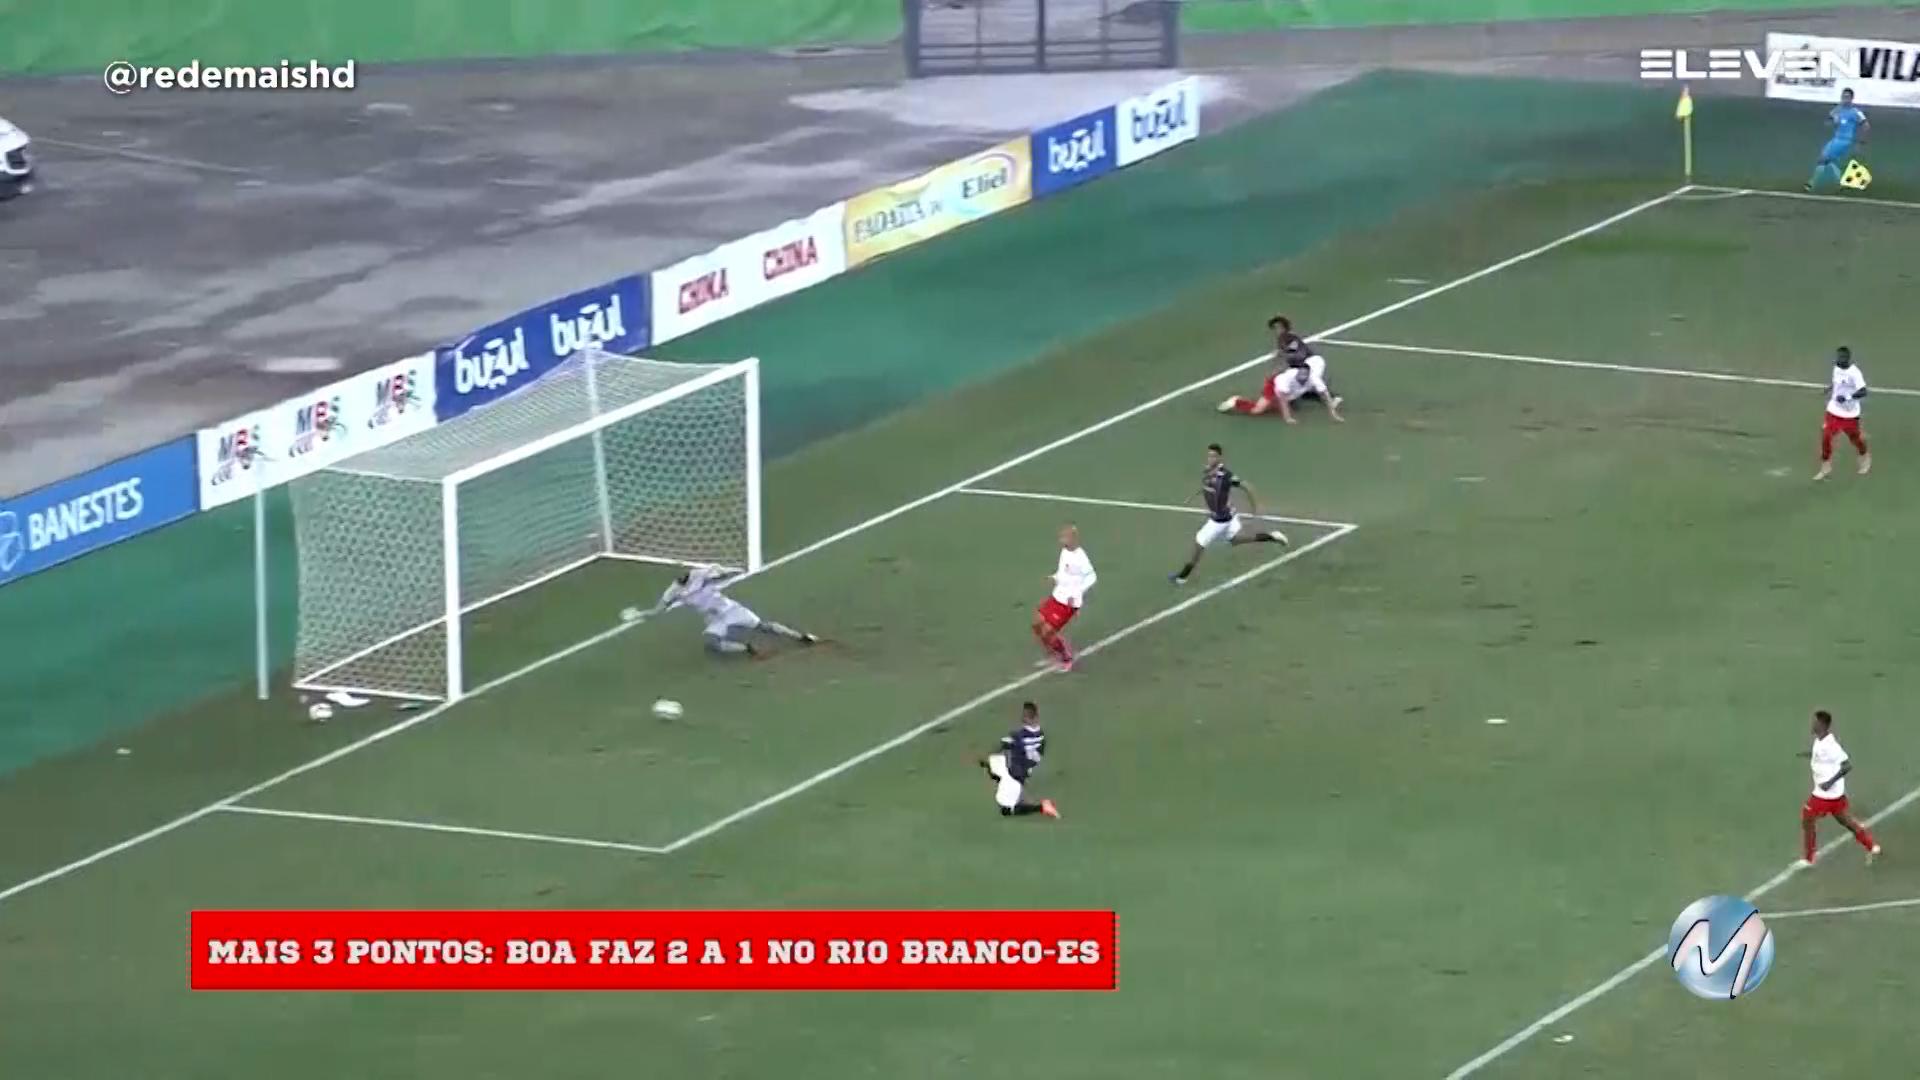 Muitos gols no Ataque